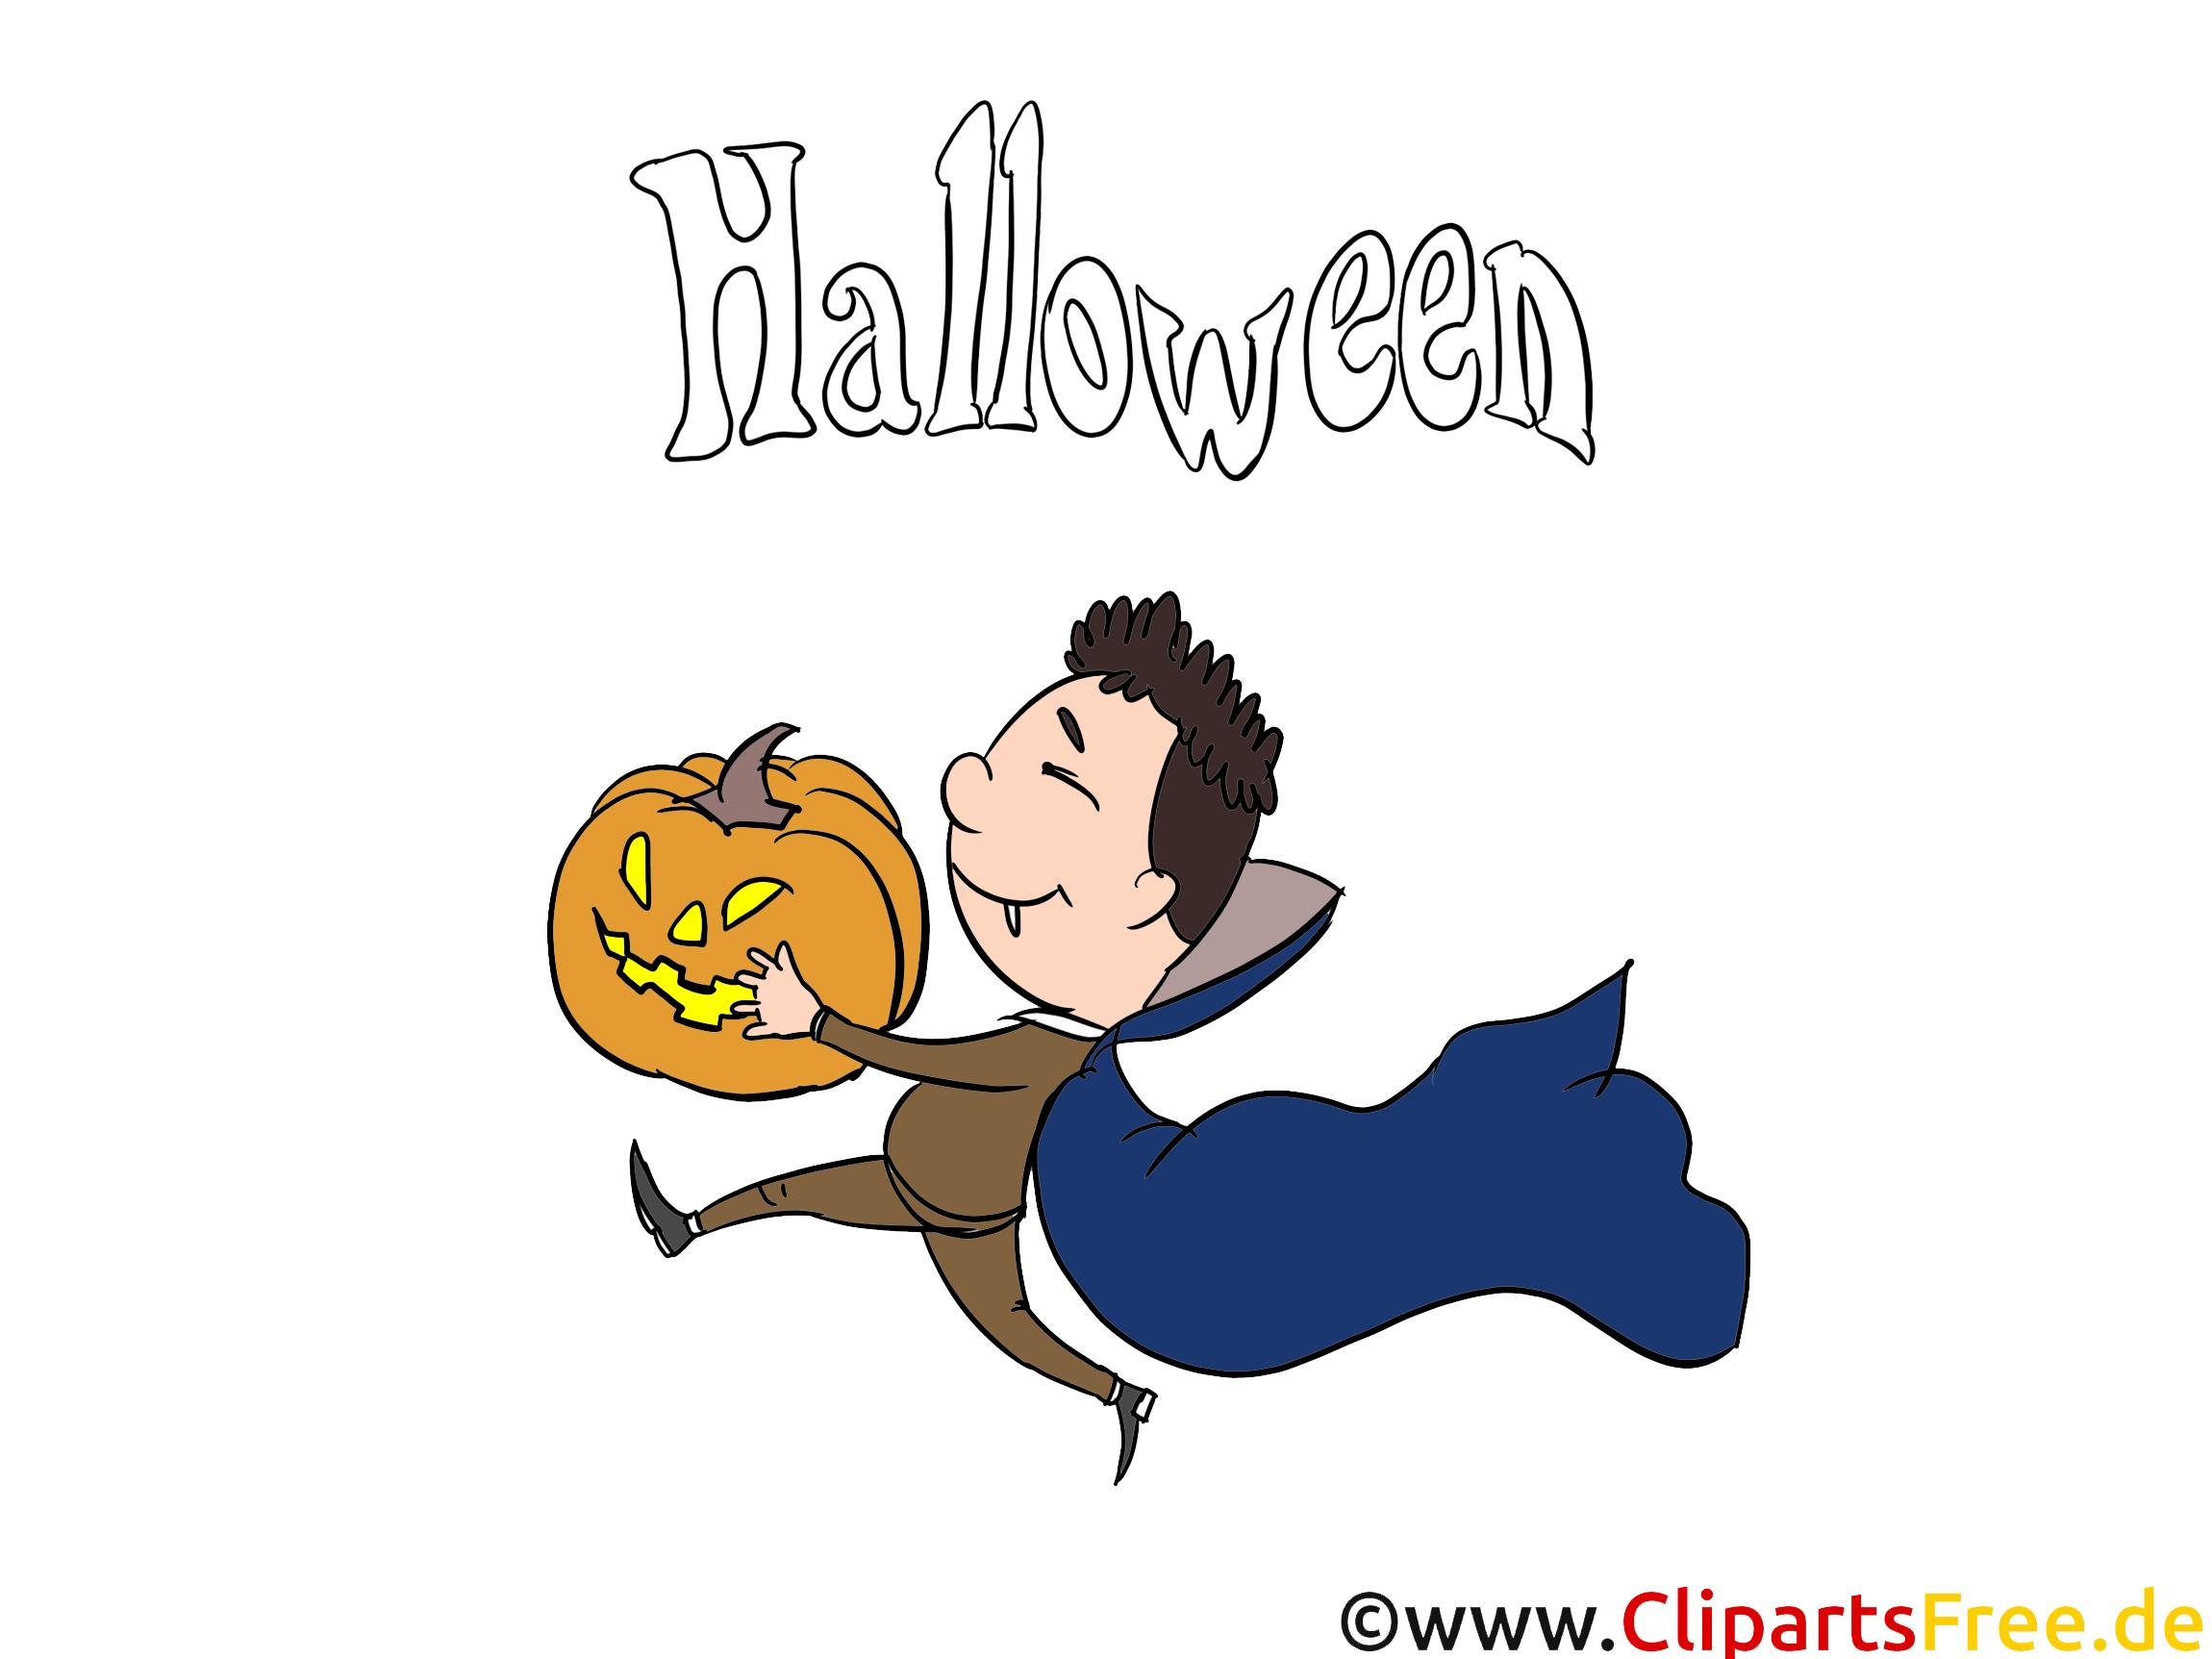 Clipart Vampir zum Herunterladen, Drucken und Basteln